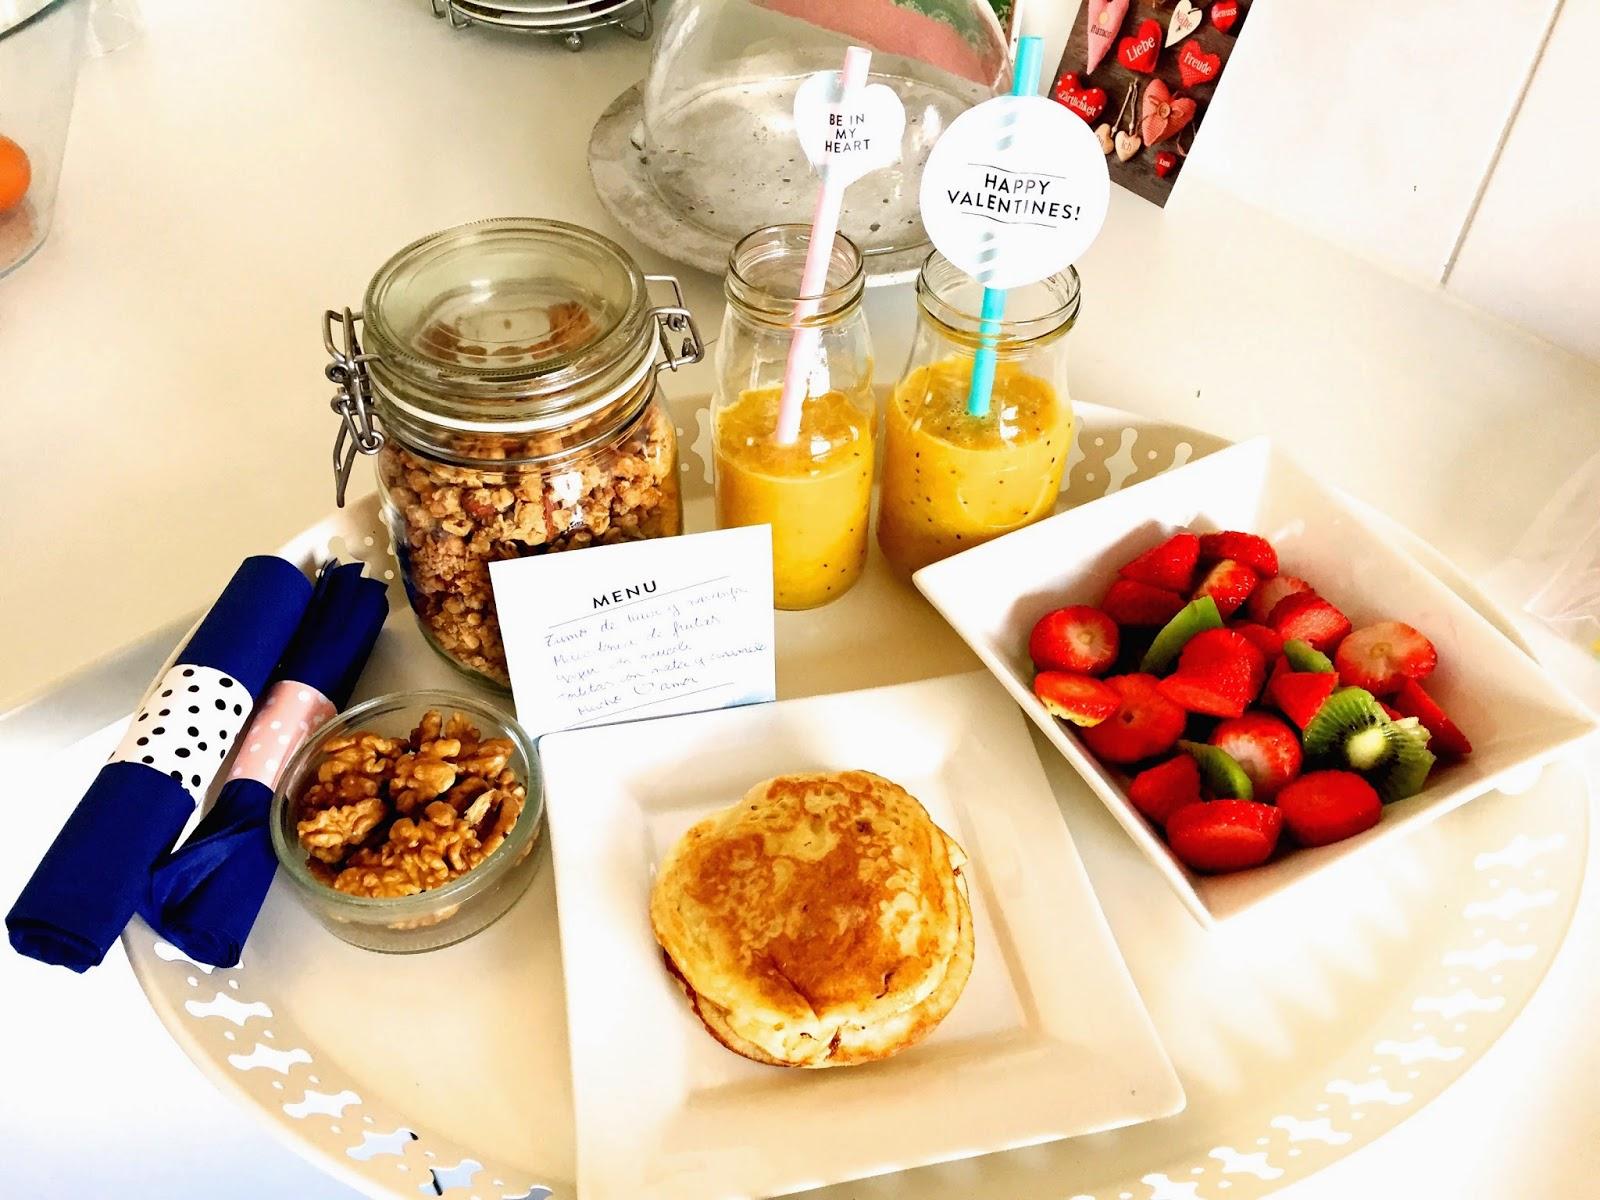 Desayuno de san valent n tortitas con nata y caramelo - Preparar desayuno romantico ...